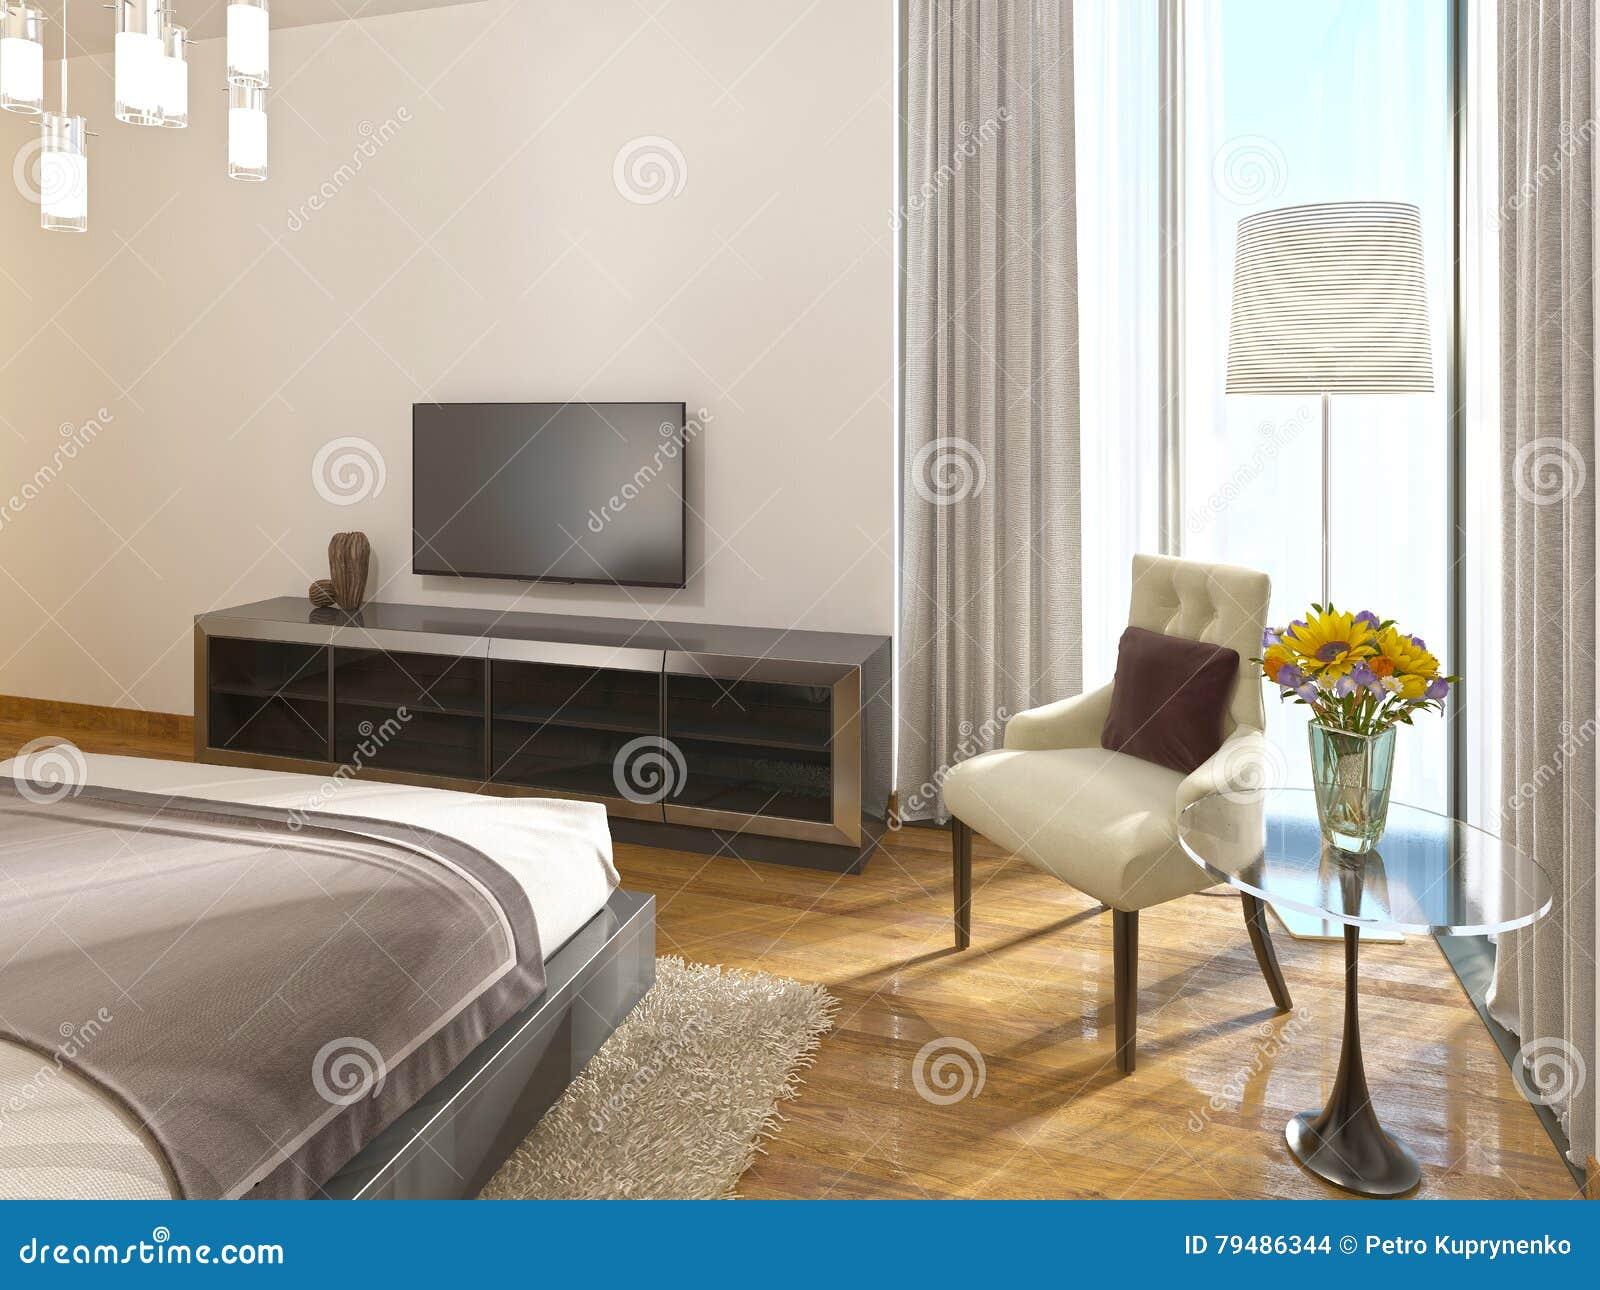 Moderne Fernseheinheit In Einem Hotelzimmer Von Art Deco Stock ...